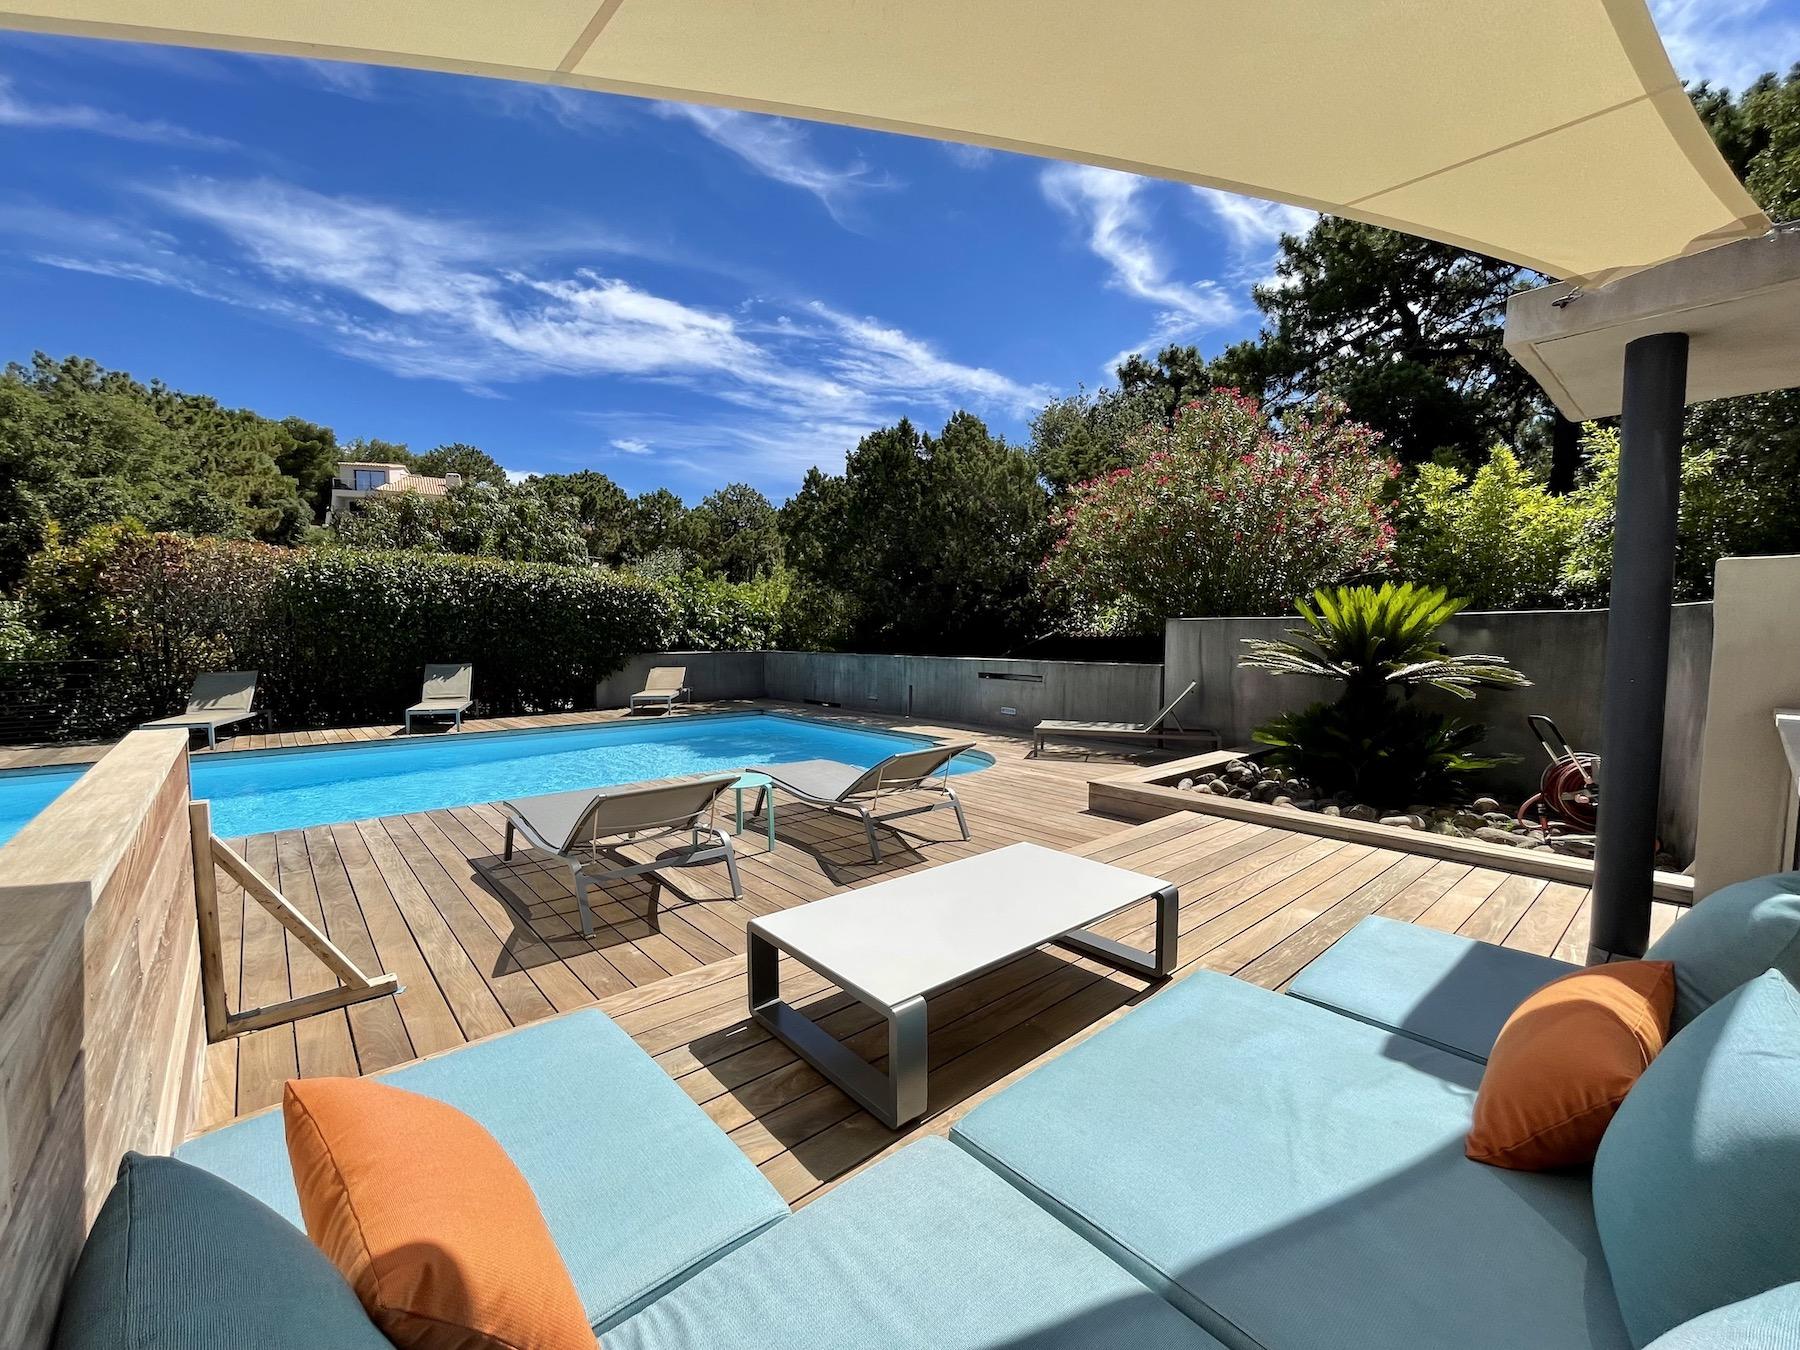 Location villa Palma Porto Vecchio Domaine privé de Cala Rossa Corse du sud luxueuse villa 7 chambre piscine proche plage privées vue mer